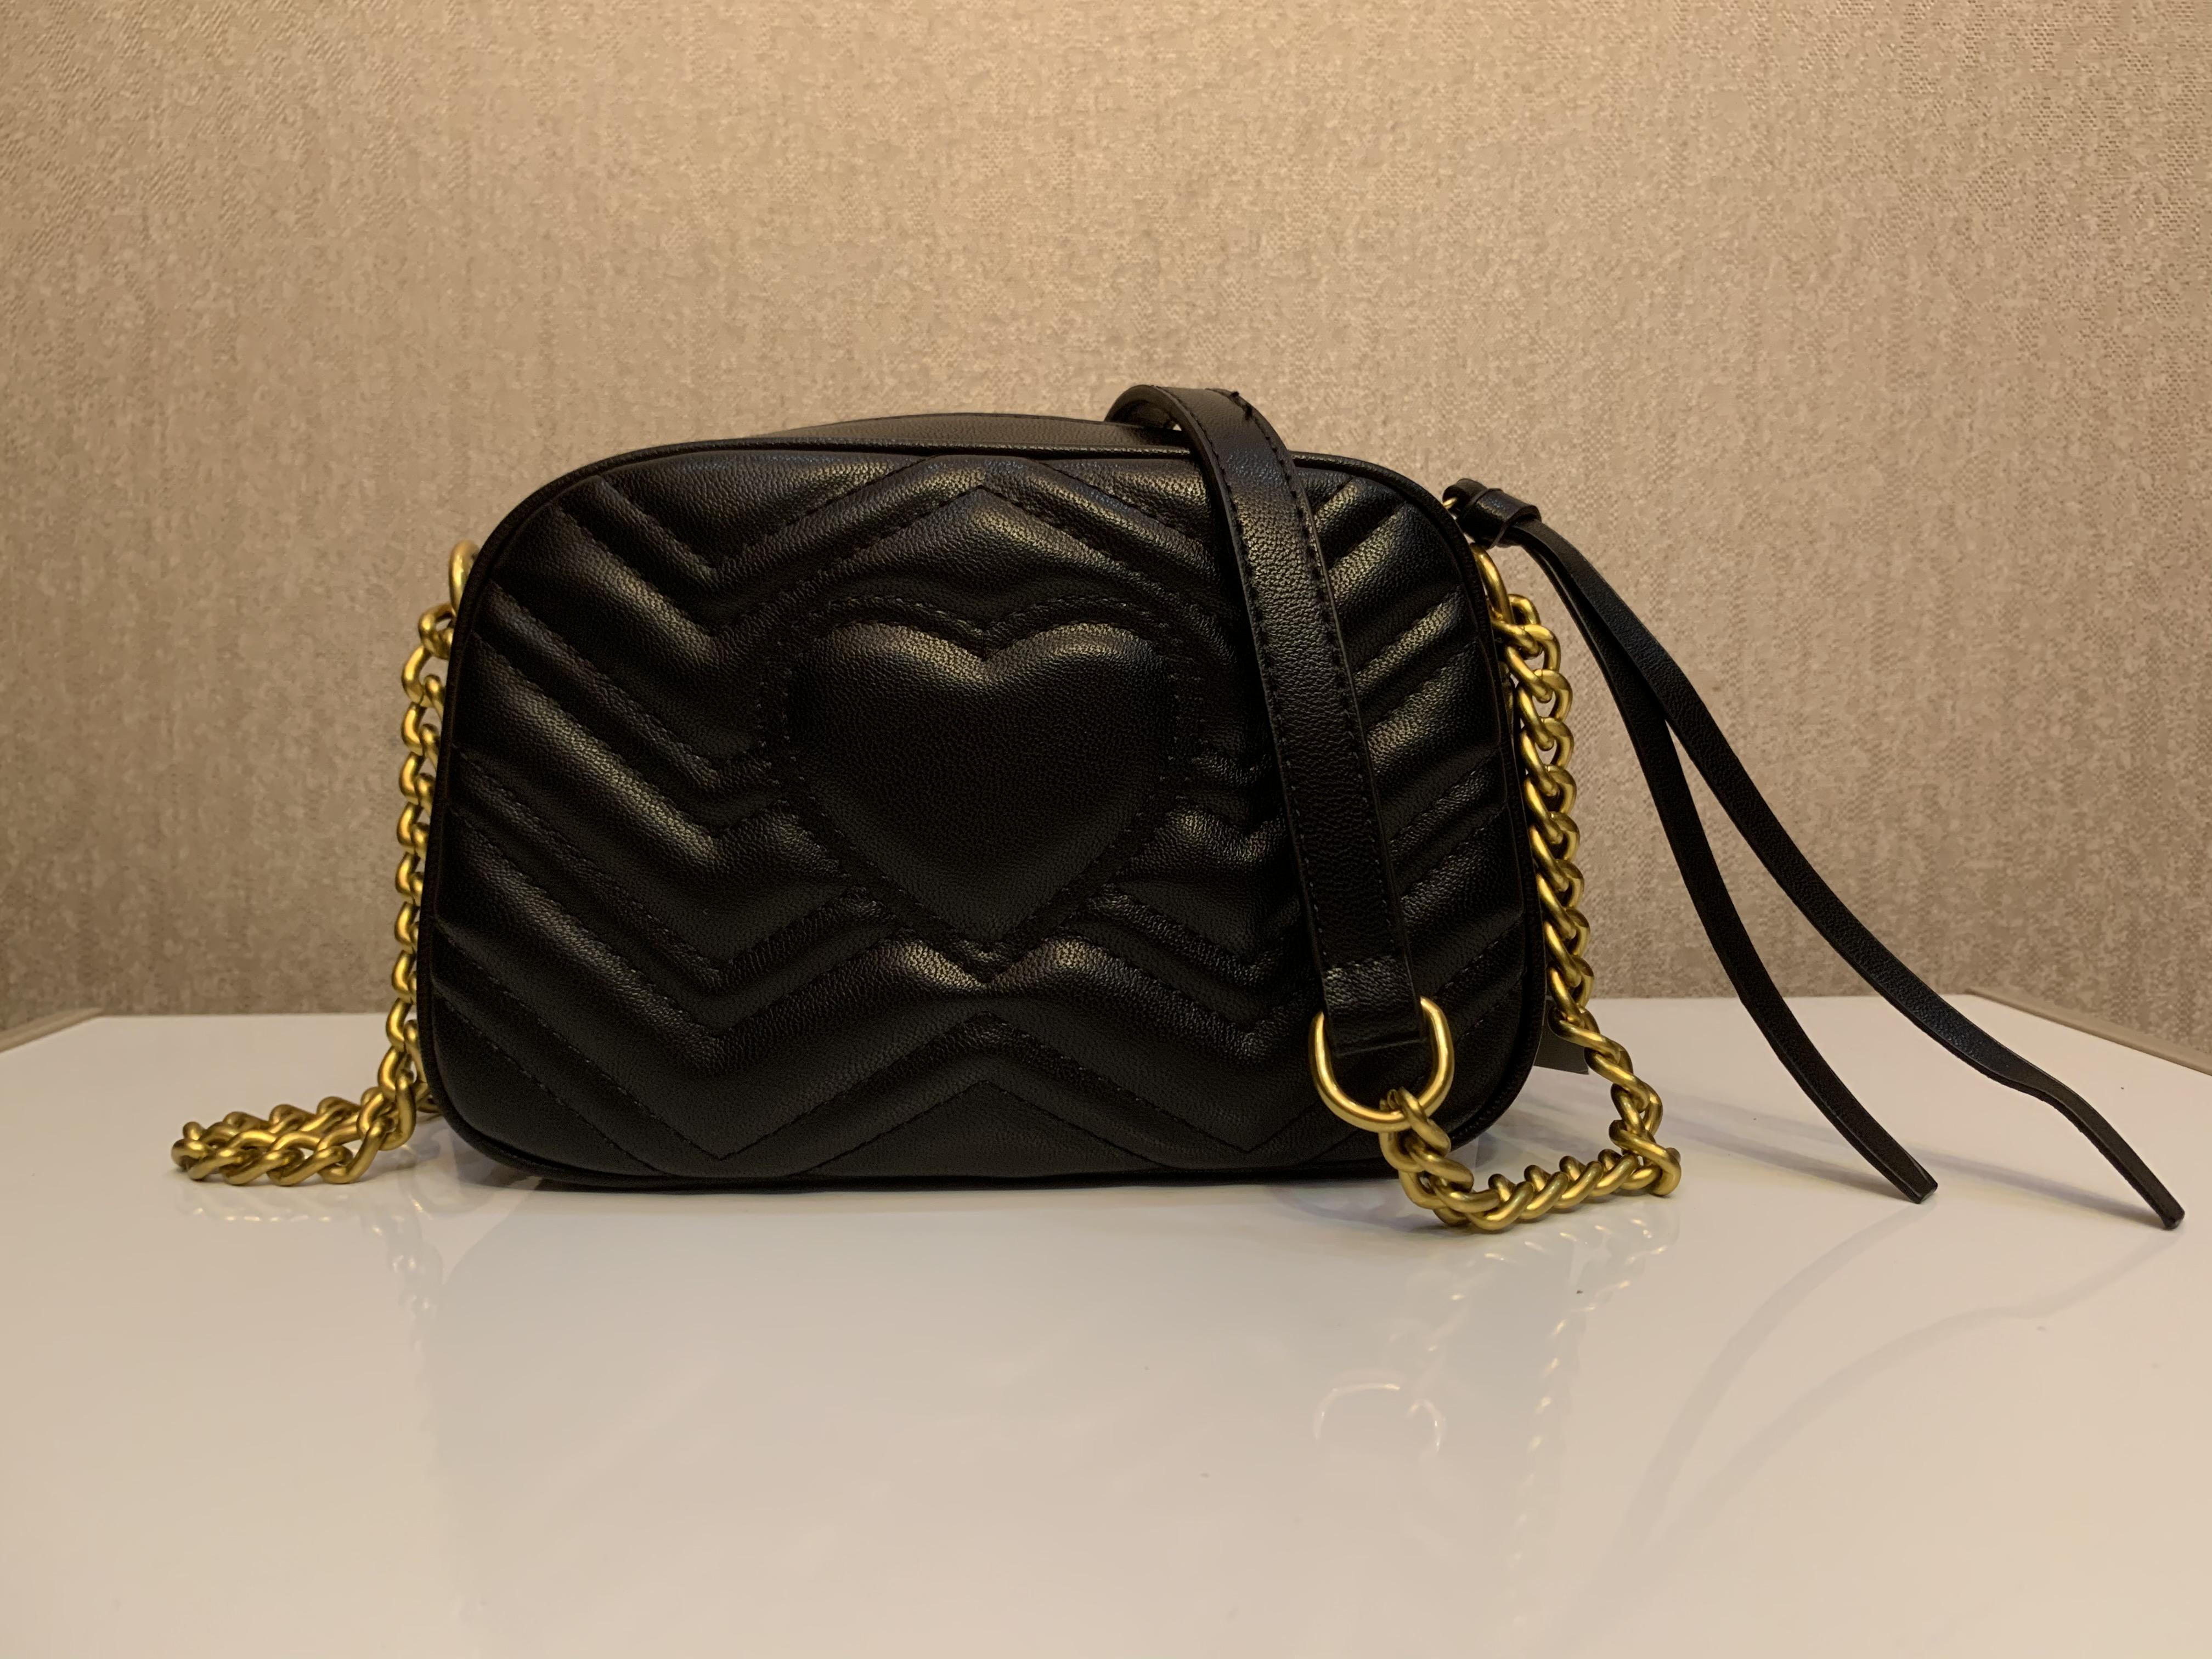 Bolsas de venda quente sacos sacolas de bolsas de ouro clássico de ouro saco de veludo saco de moda estilo de moda messenger bolsa de mão ombro mulheres 22cm bolsas nhfot